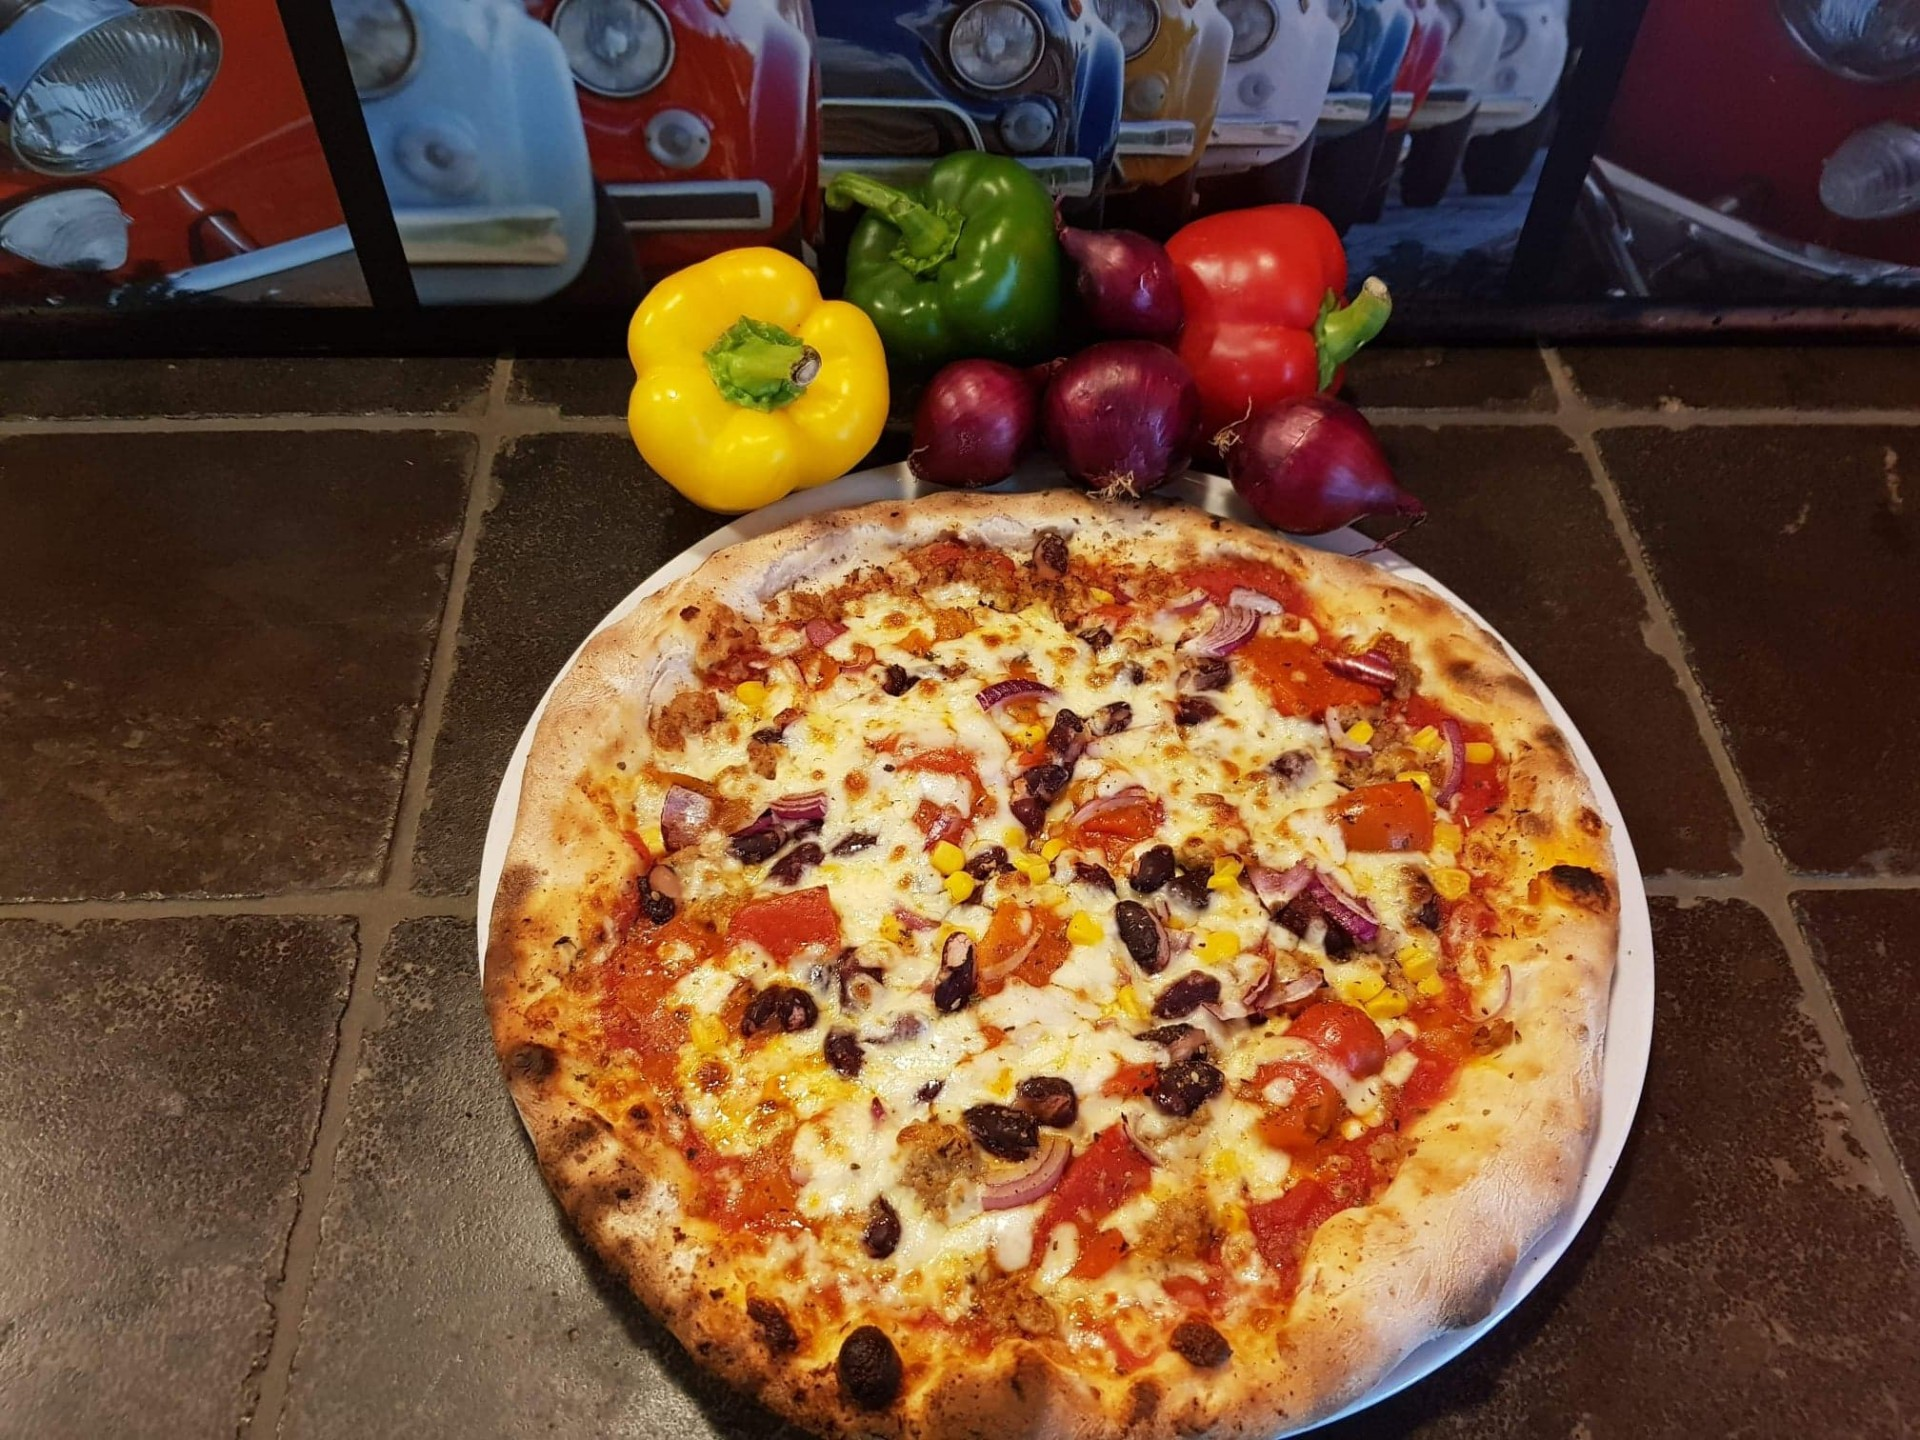 La Pizza Chili